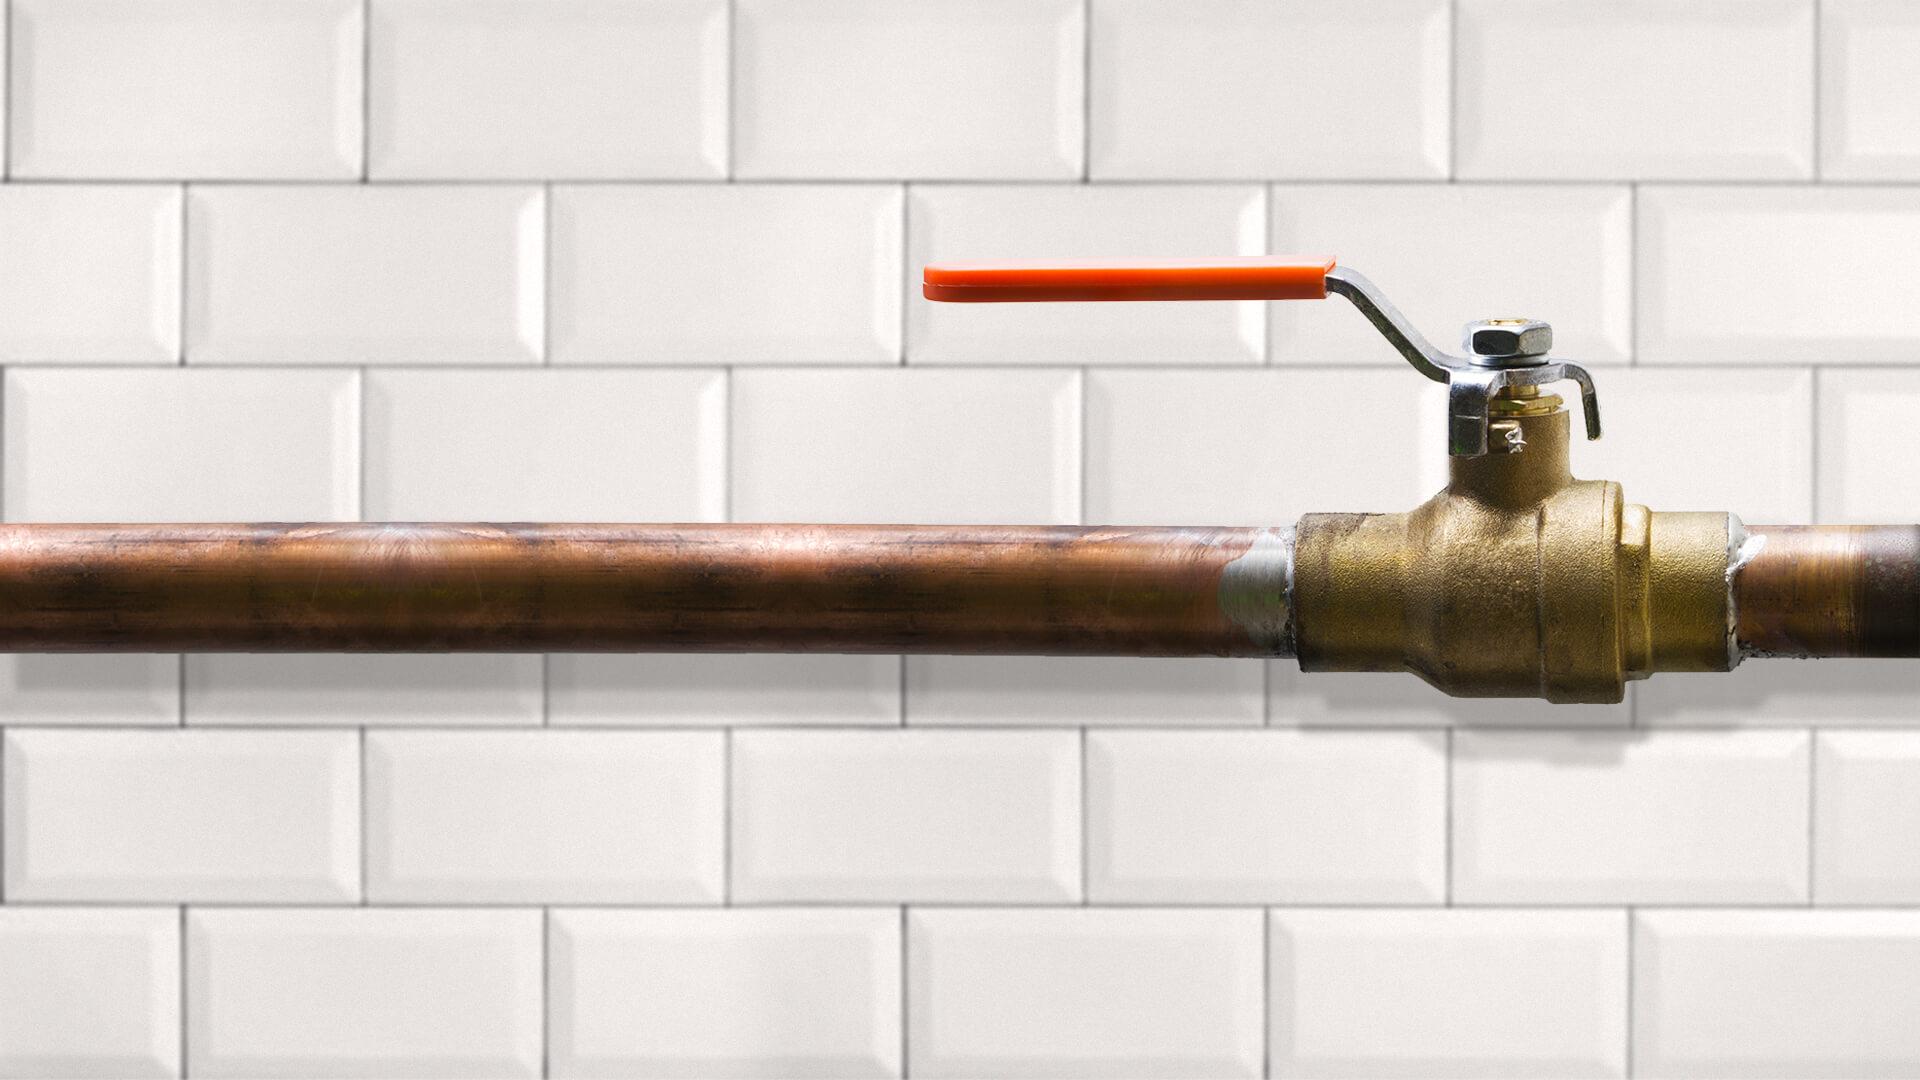 Installation d'un robinet d'arrivée d'eau